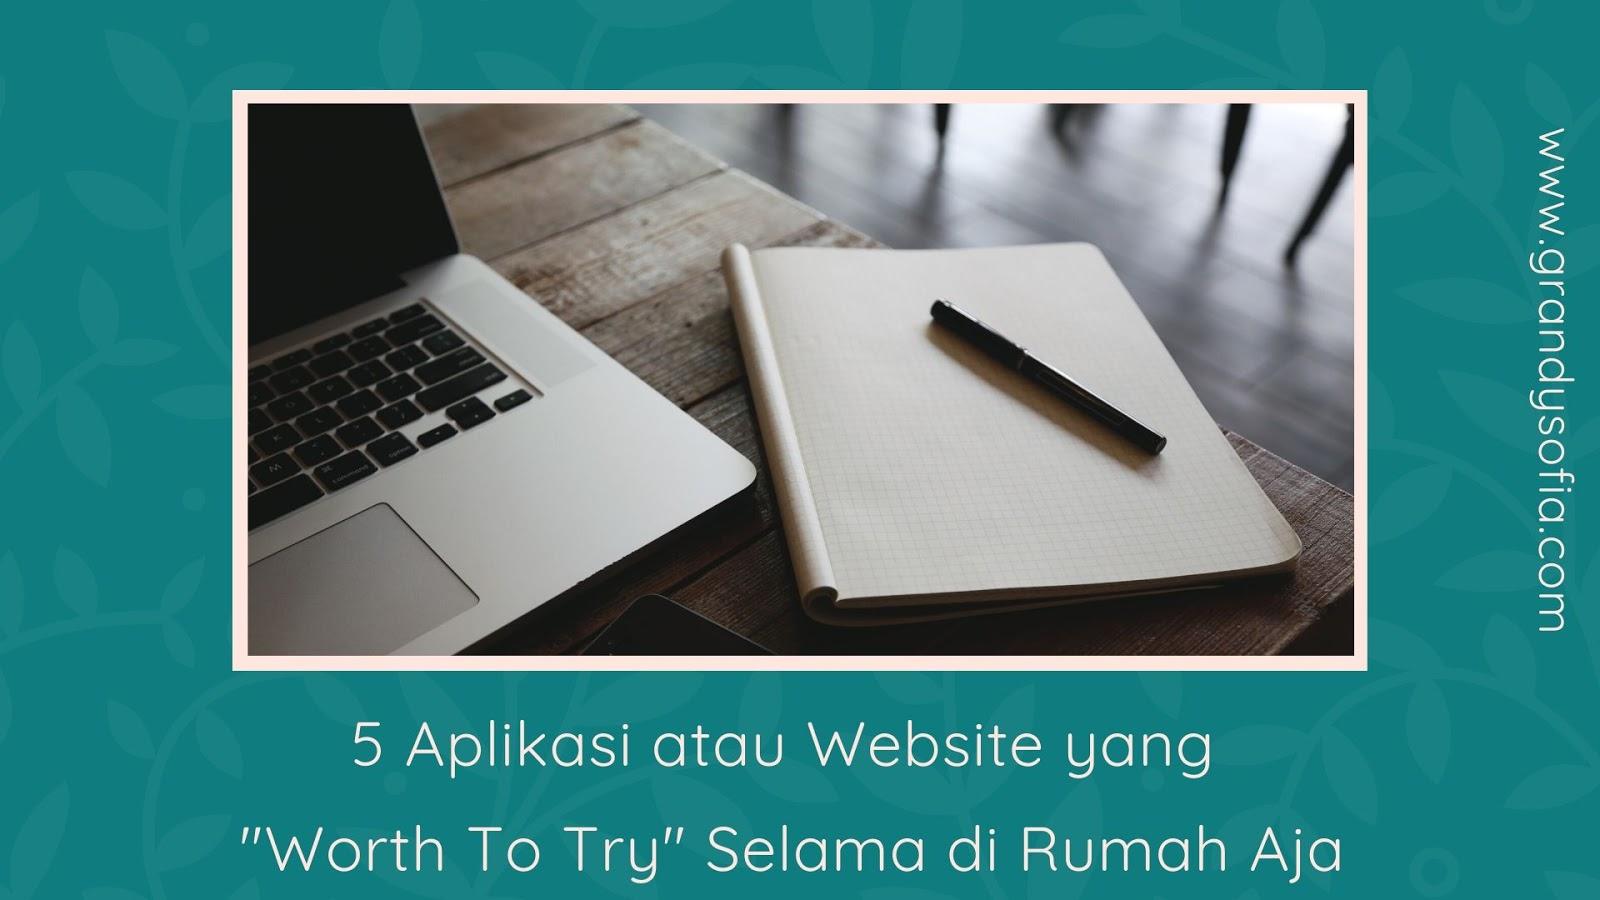 5 rekomendasi web atau aplikasi selama dirumahaja